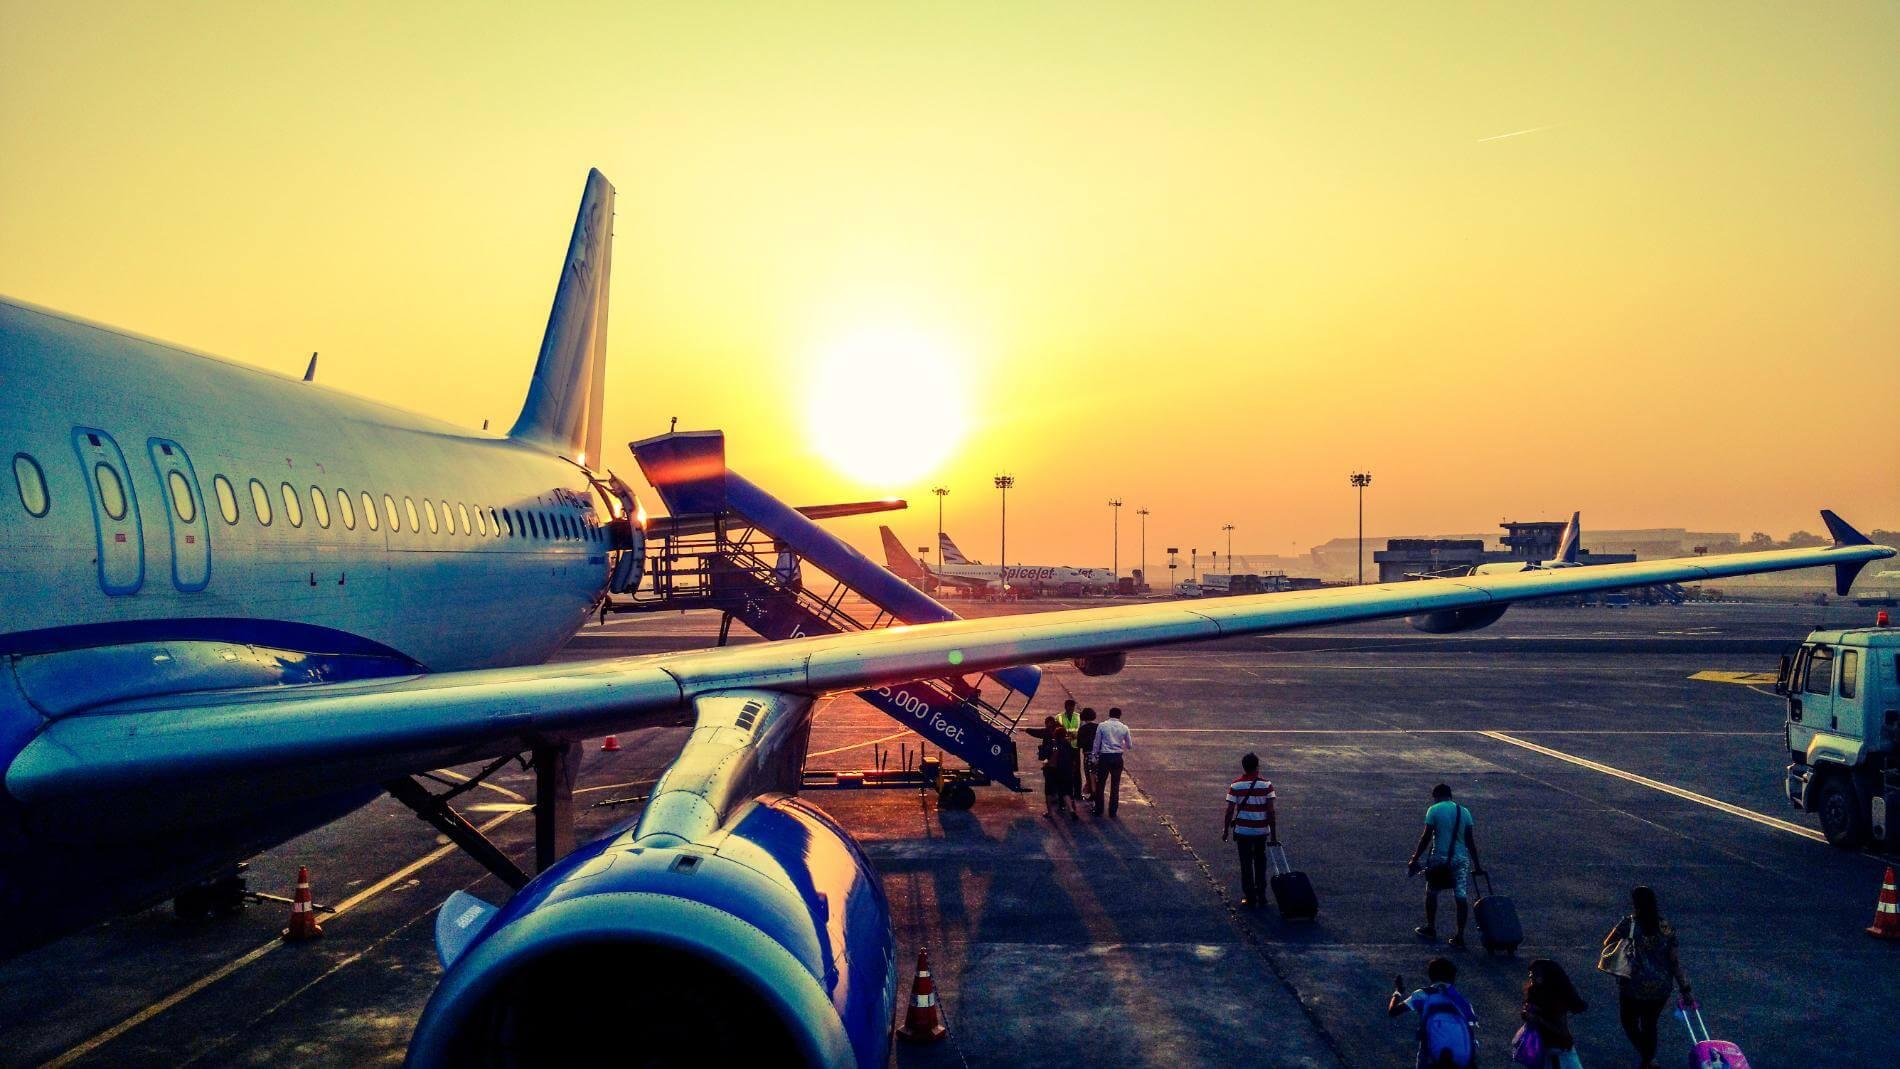 אנחנו ממליצים ליתר בטחון בכל זאת להדפיס את כרטיס הטיסה וכרטיס העלייה למטוס